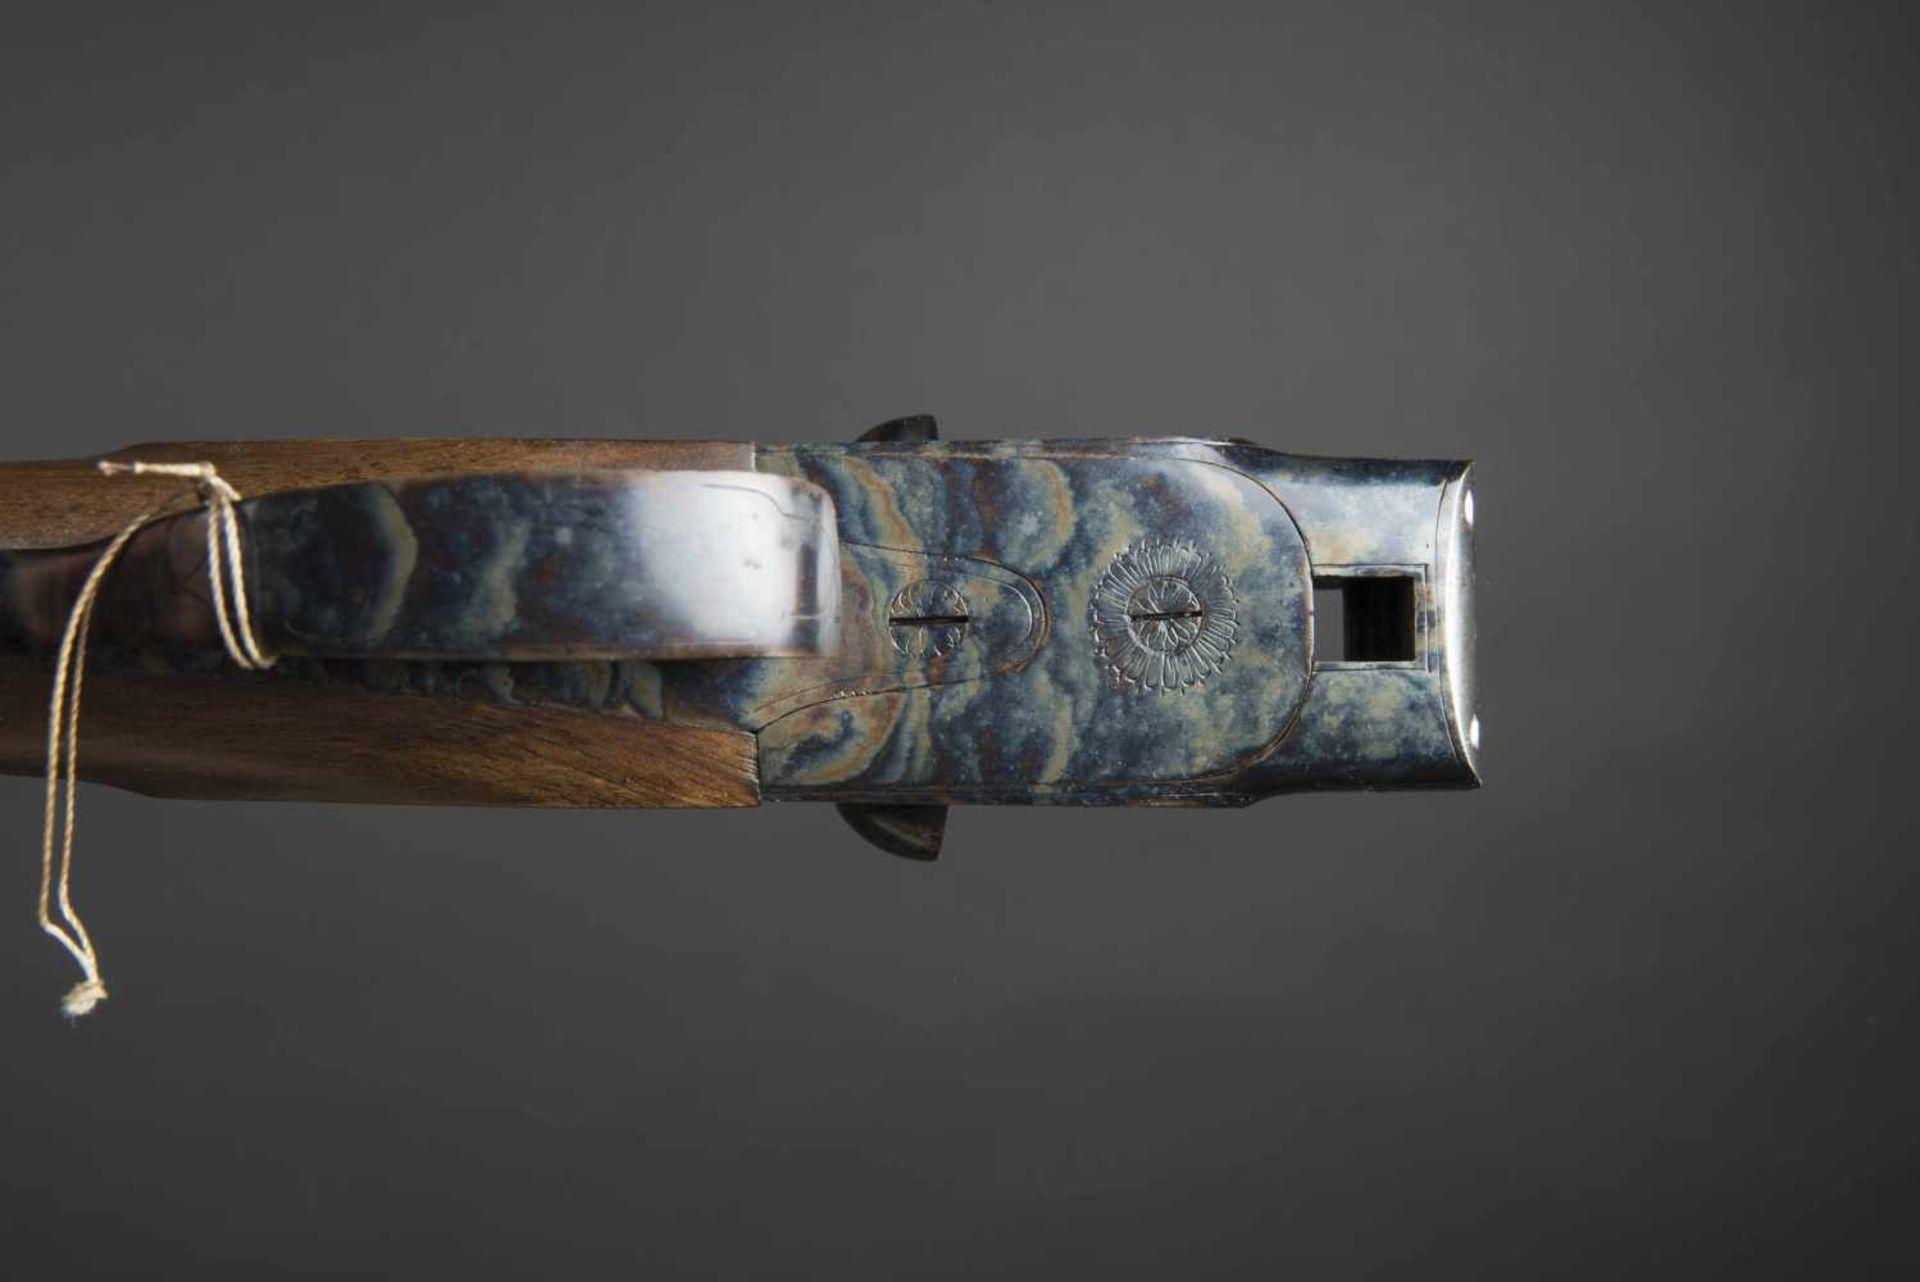 Fusil juxtaposé Paris Sport Catégorie C Calibre 16, numéro 146486. Carton non au modèle de l'arme. - Bild 4 aus 4